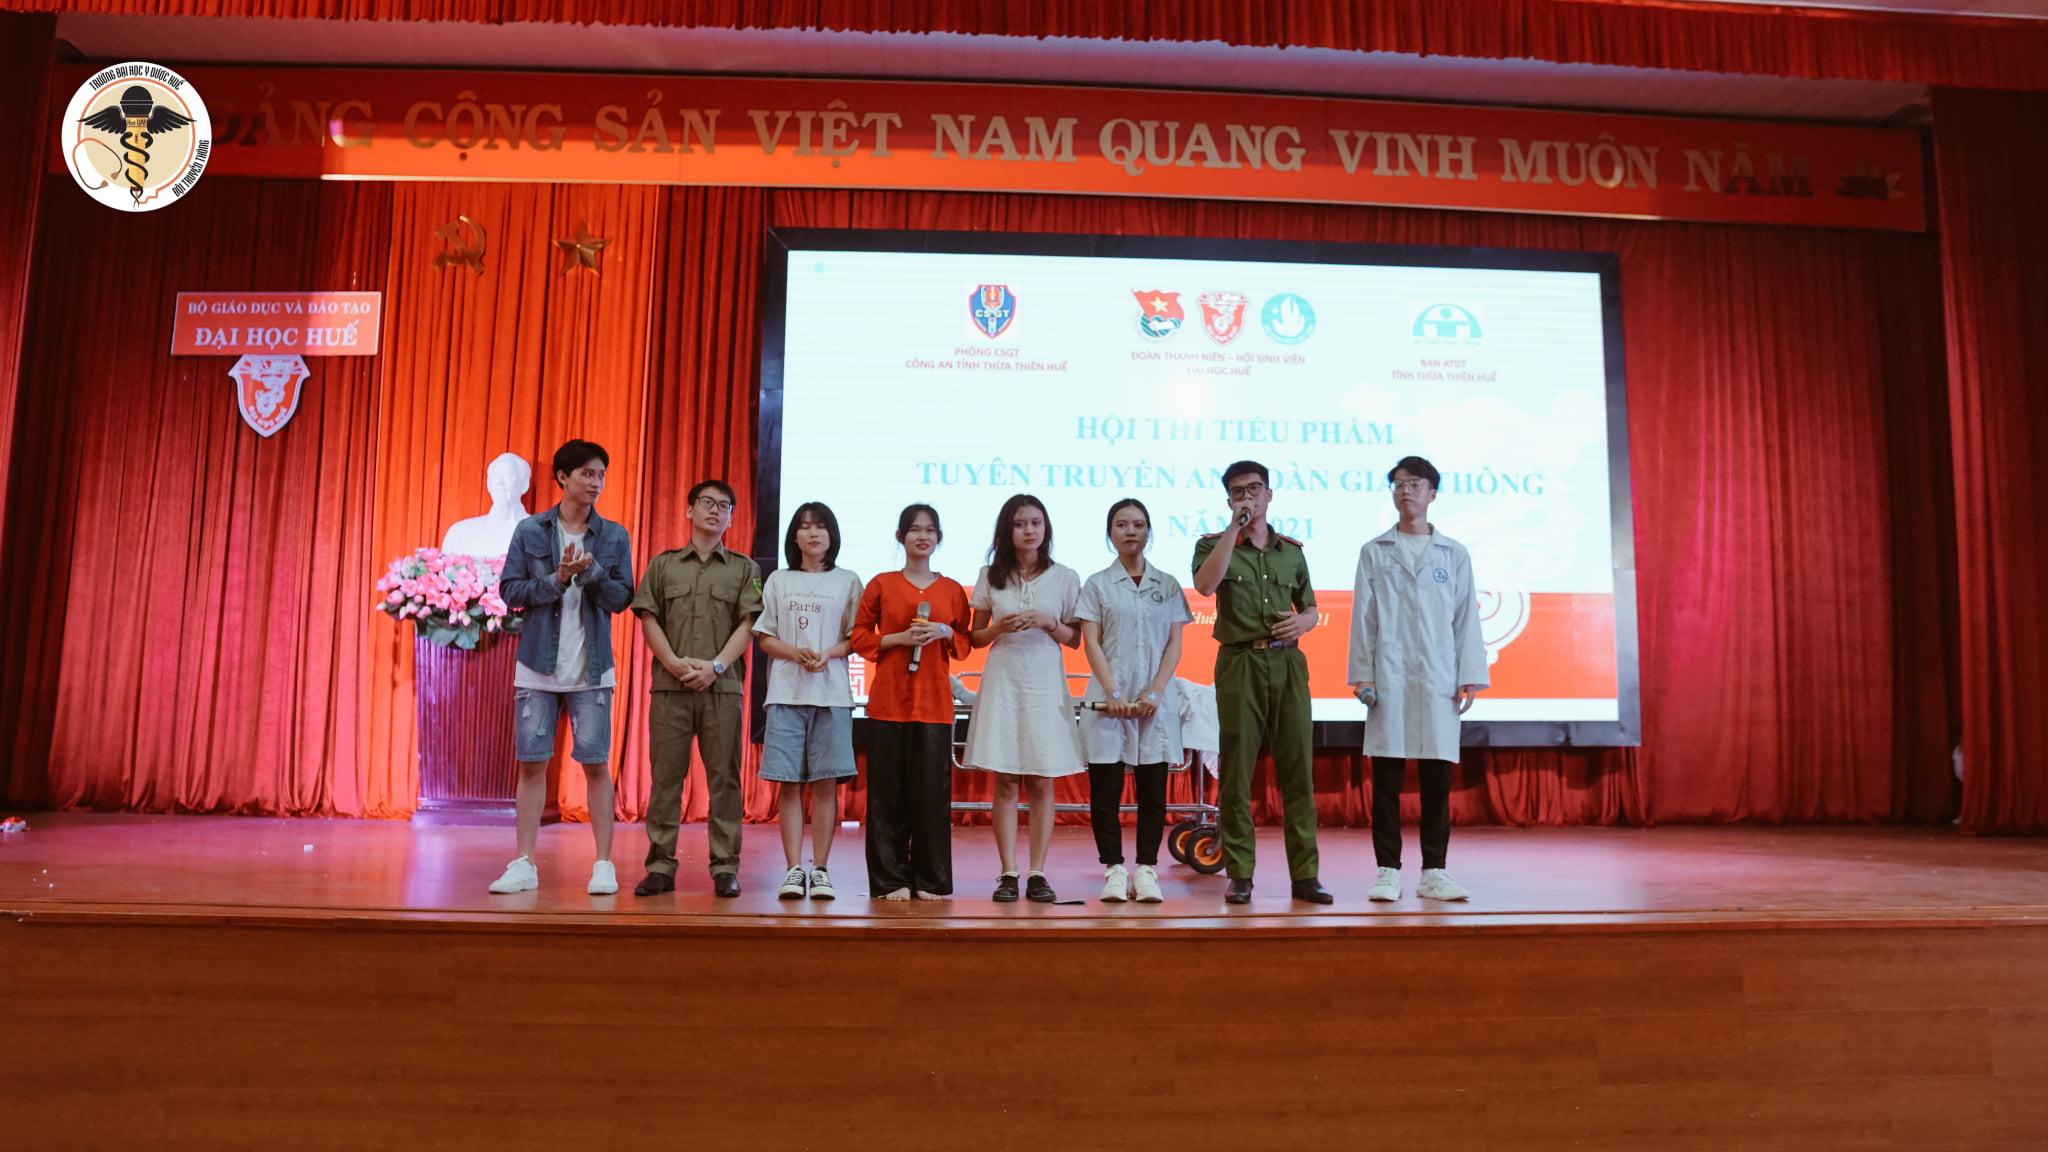 Hội Sinh viên Trường Đại học Y – Dược đạt giải Nhì tại cuộc thi tiểu phẩm tuyên truyền an toàn giao thông năm 2021